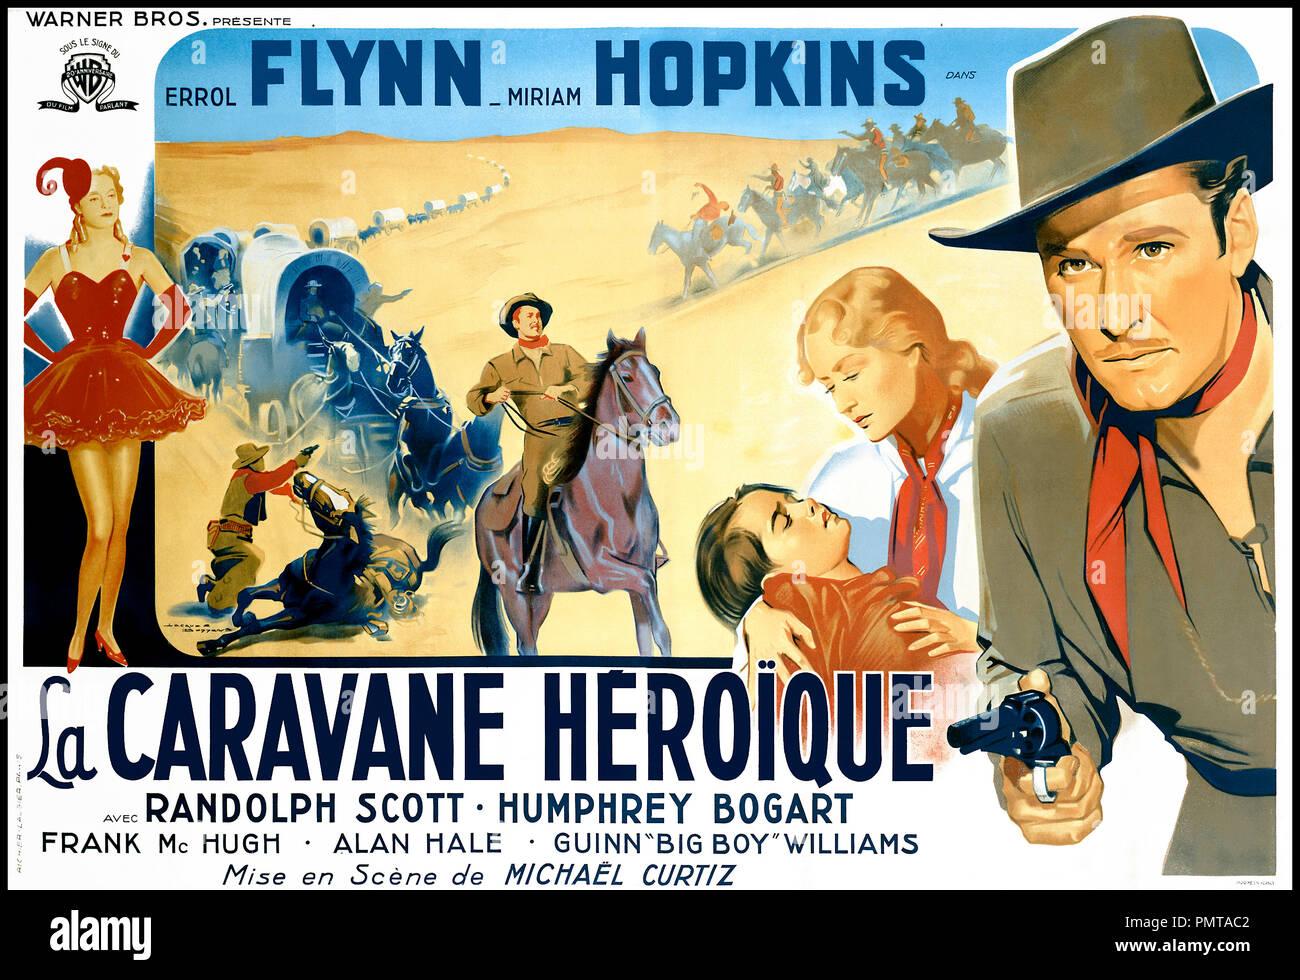 la caravane heroique